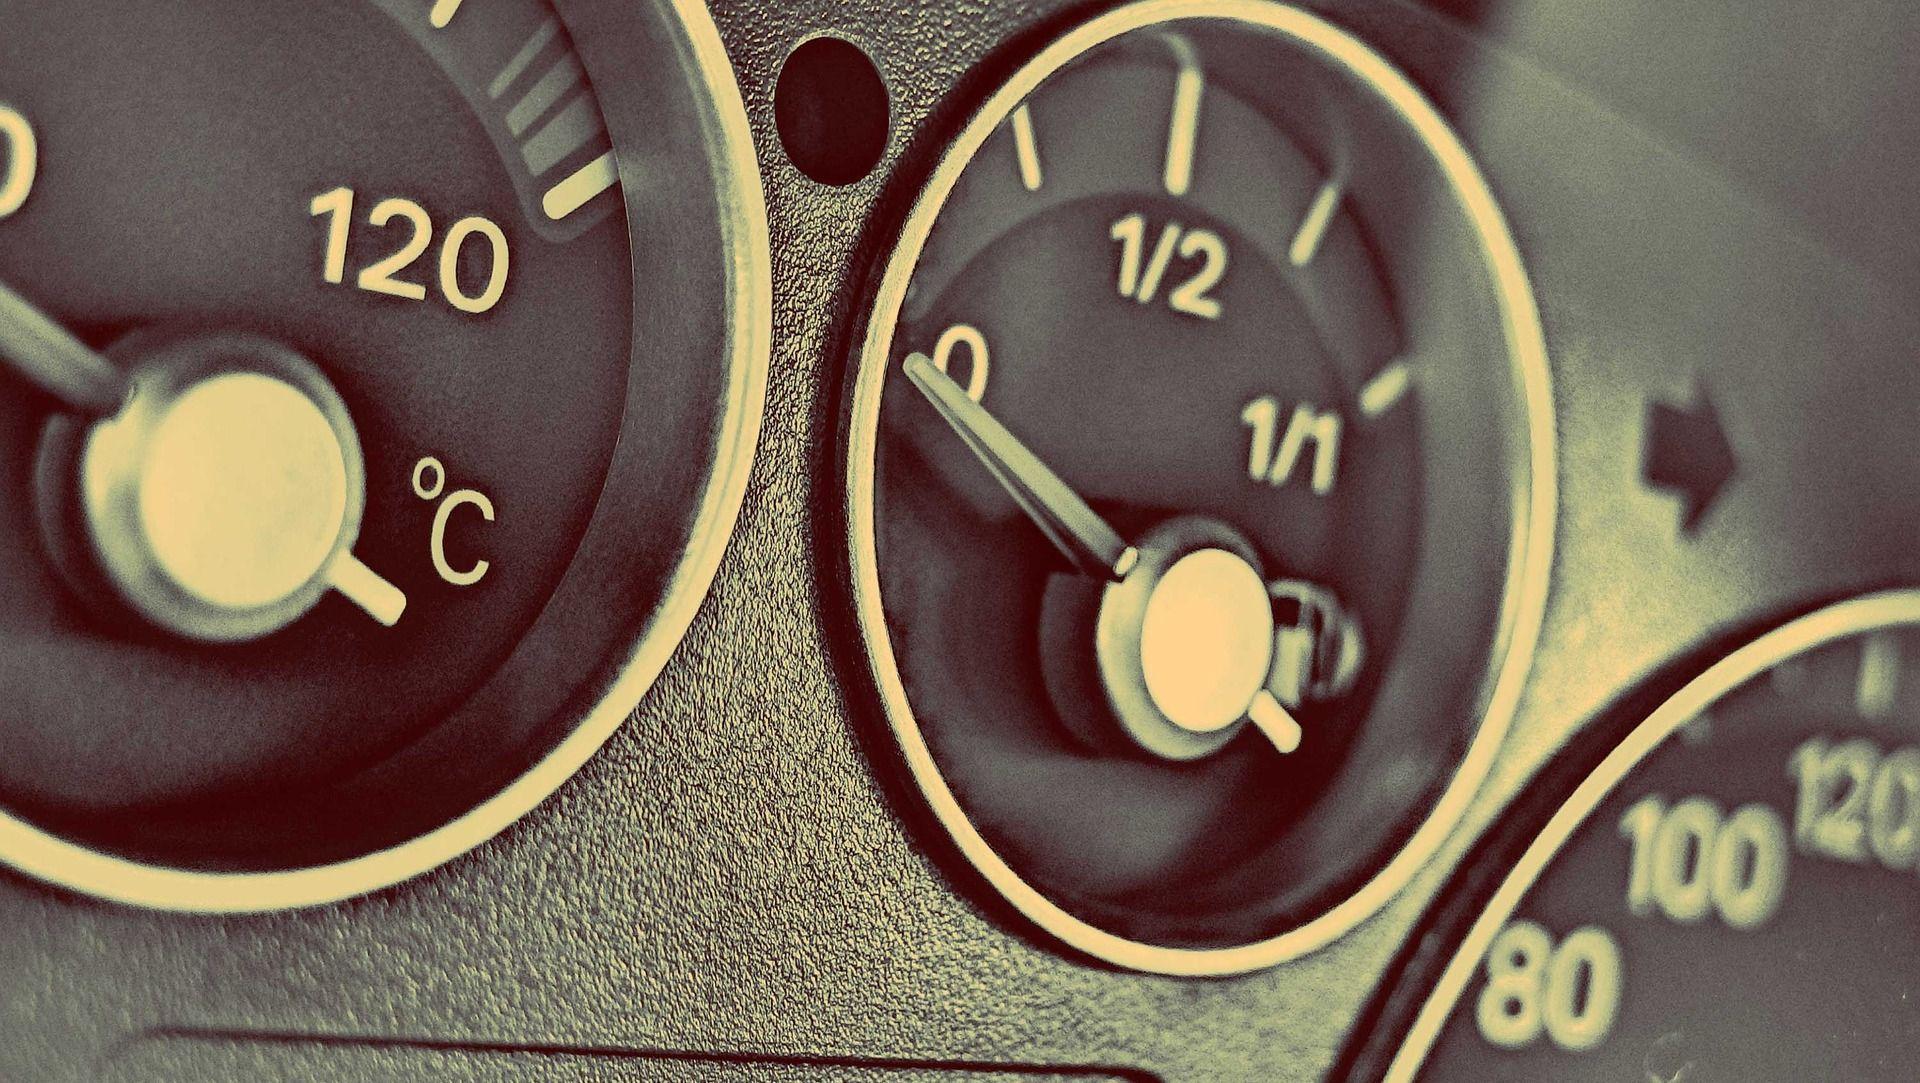 DIZEL ZA TRI, BENZIN ZA ČETIRI LIPE Ministarstvo najavilo novo pojeftinjenje goriva